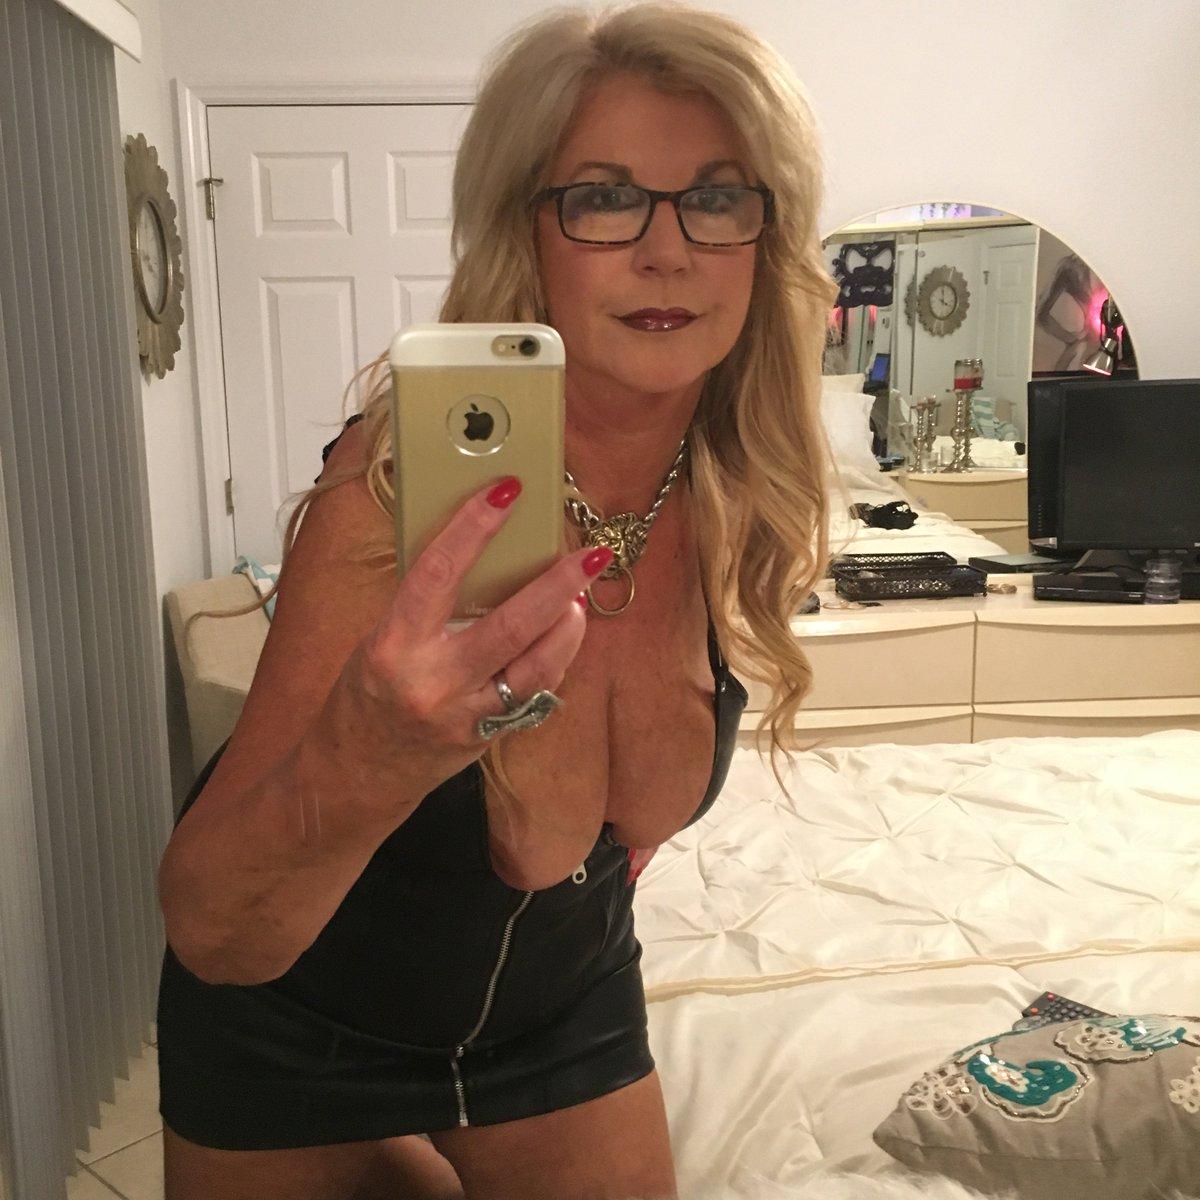 Sexy secretary naked-1791